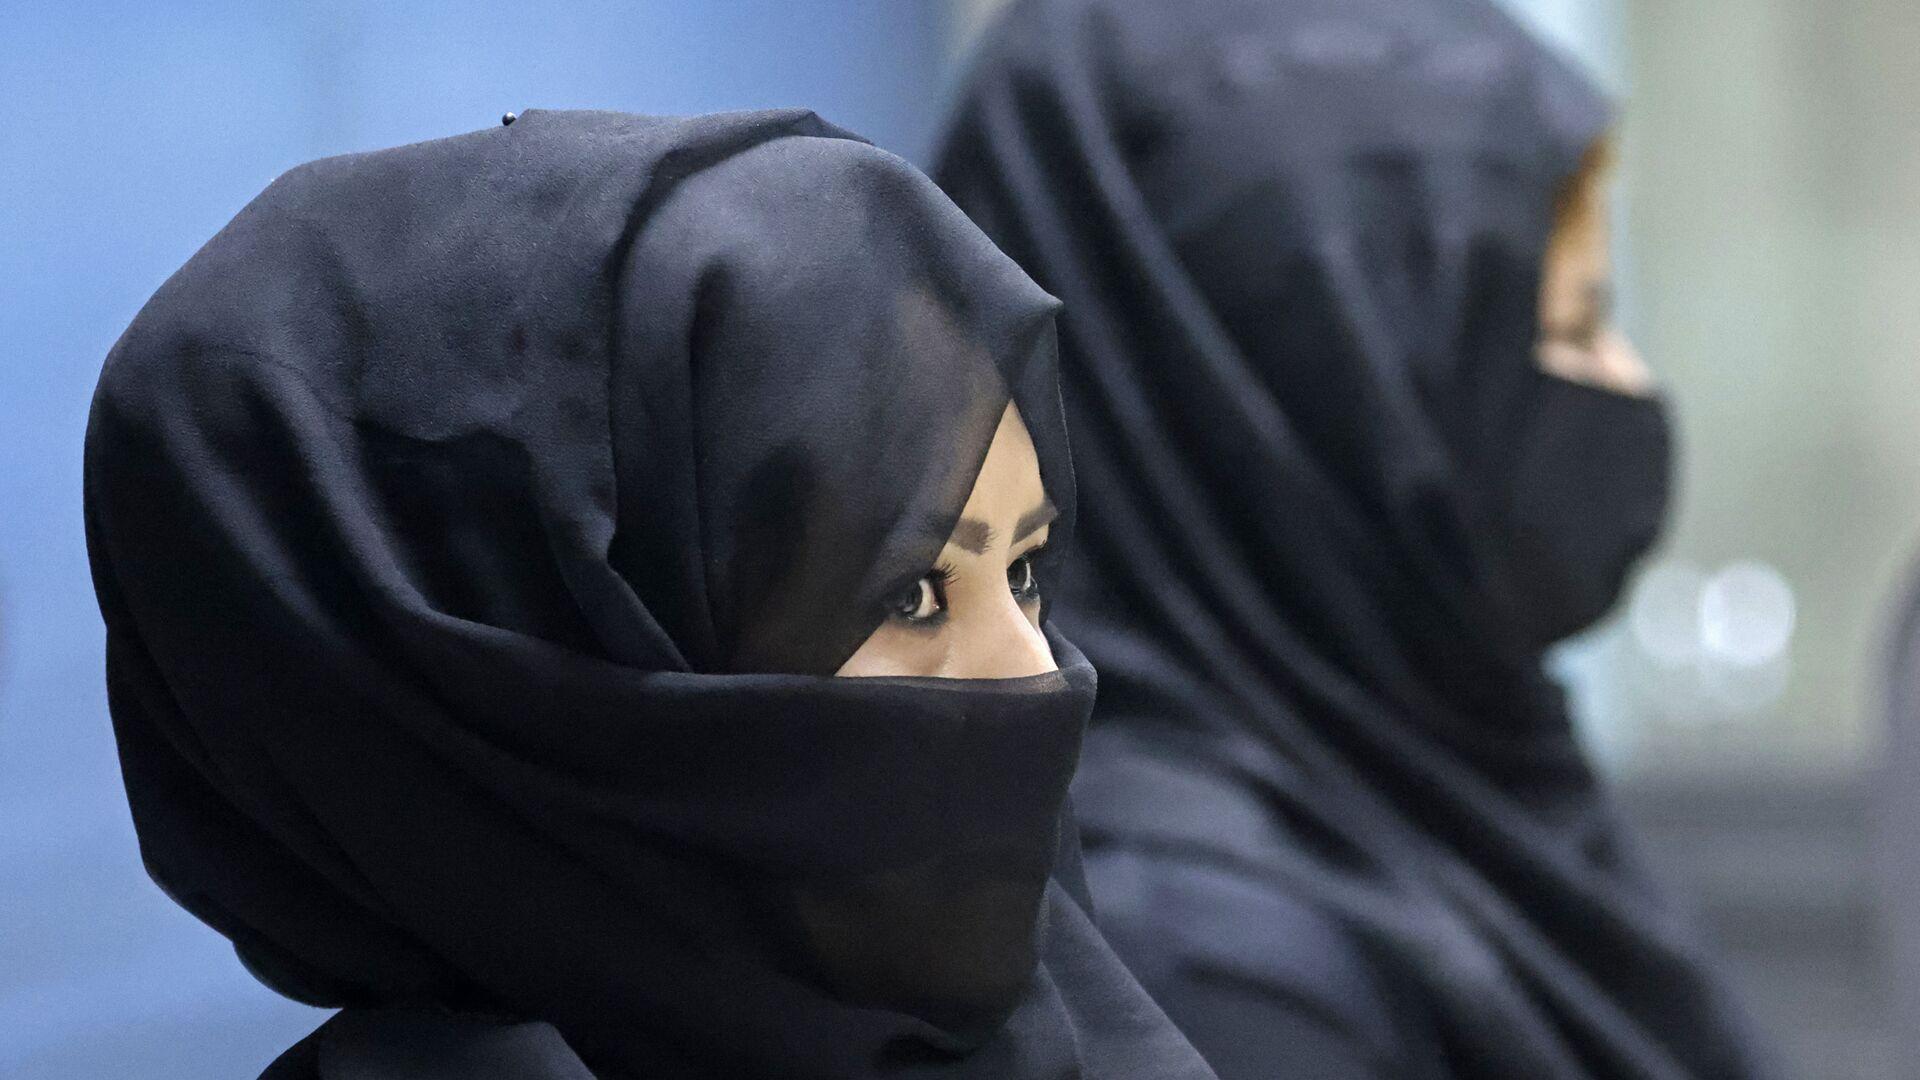 Des femmes afghanes à l'aéroport de Kaboul. Parmi plus de 80 femmes travaillant pour l'aéroport de Kaboul, seules 12 ont repris leurs fonctions. FOCUS de Mohamad Ali Harissi sur le conflit en Afghanistan concernant les femmes qui travaillent - Sputnik France, 1920, 20.09.2021